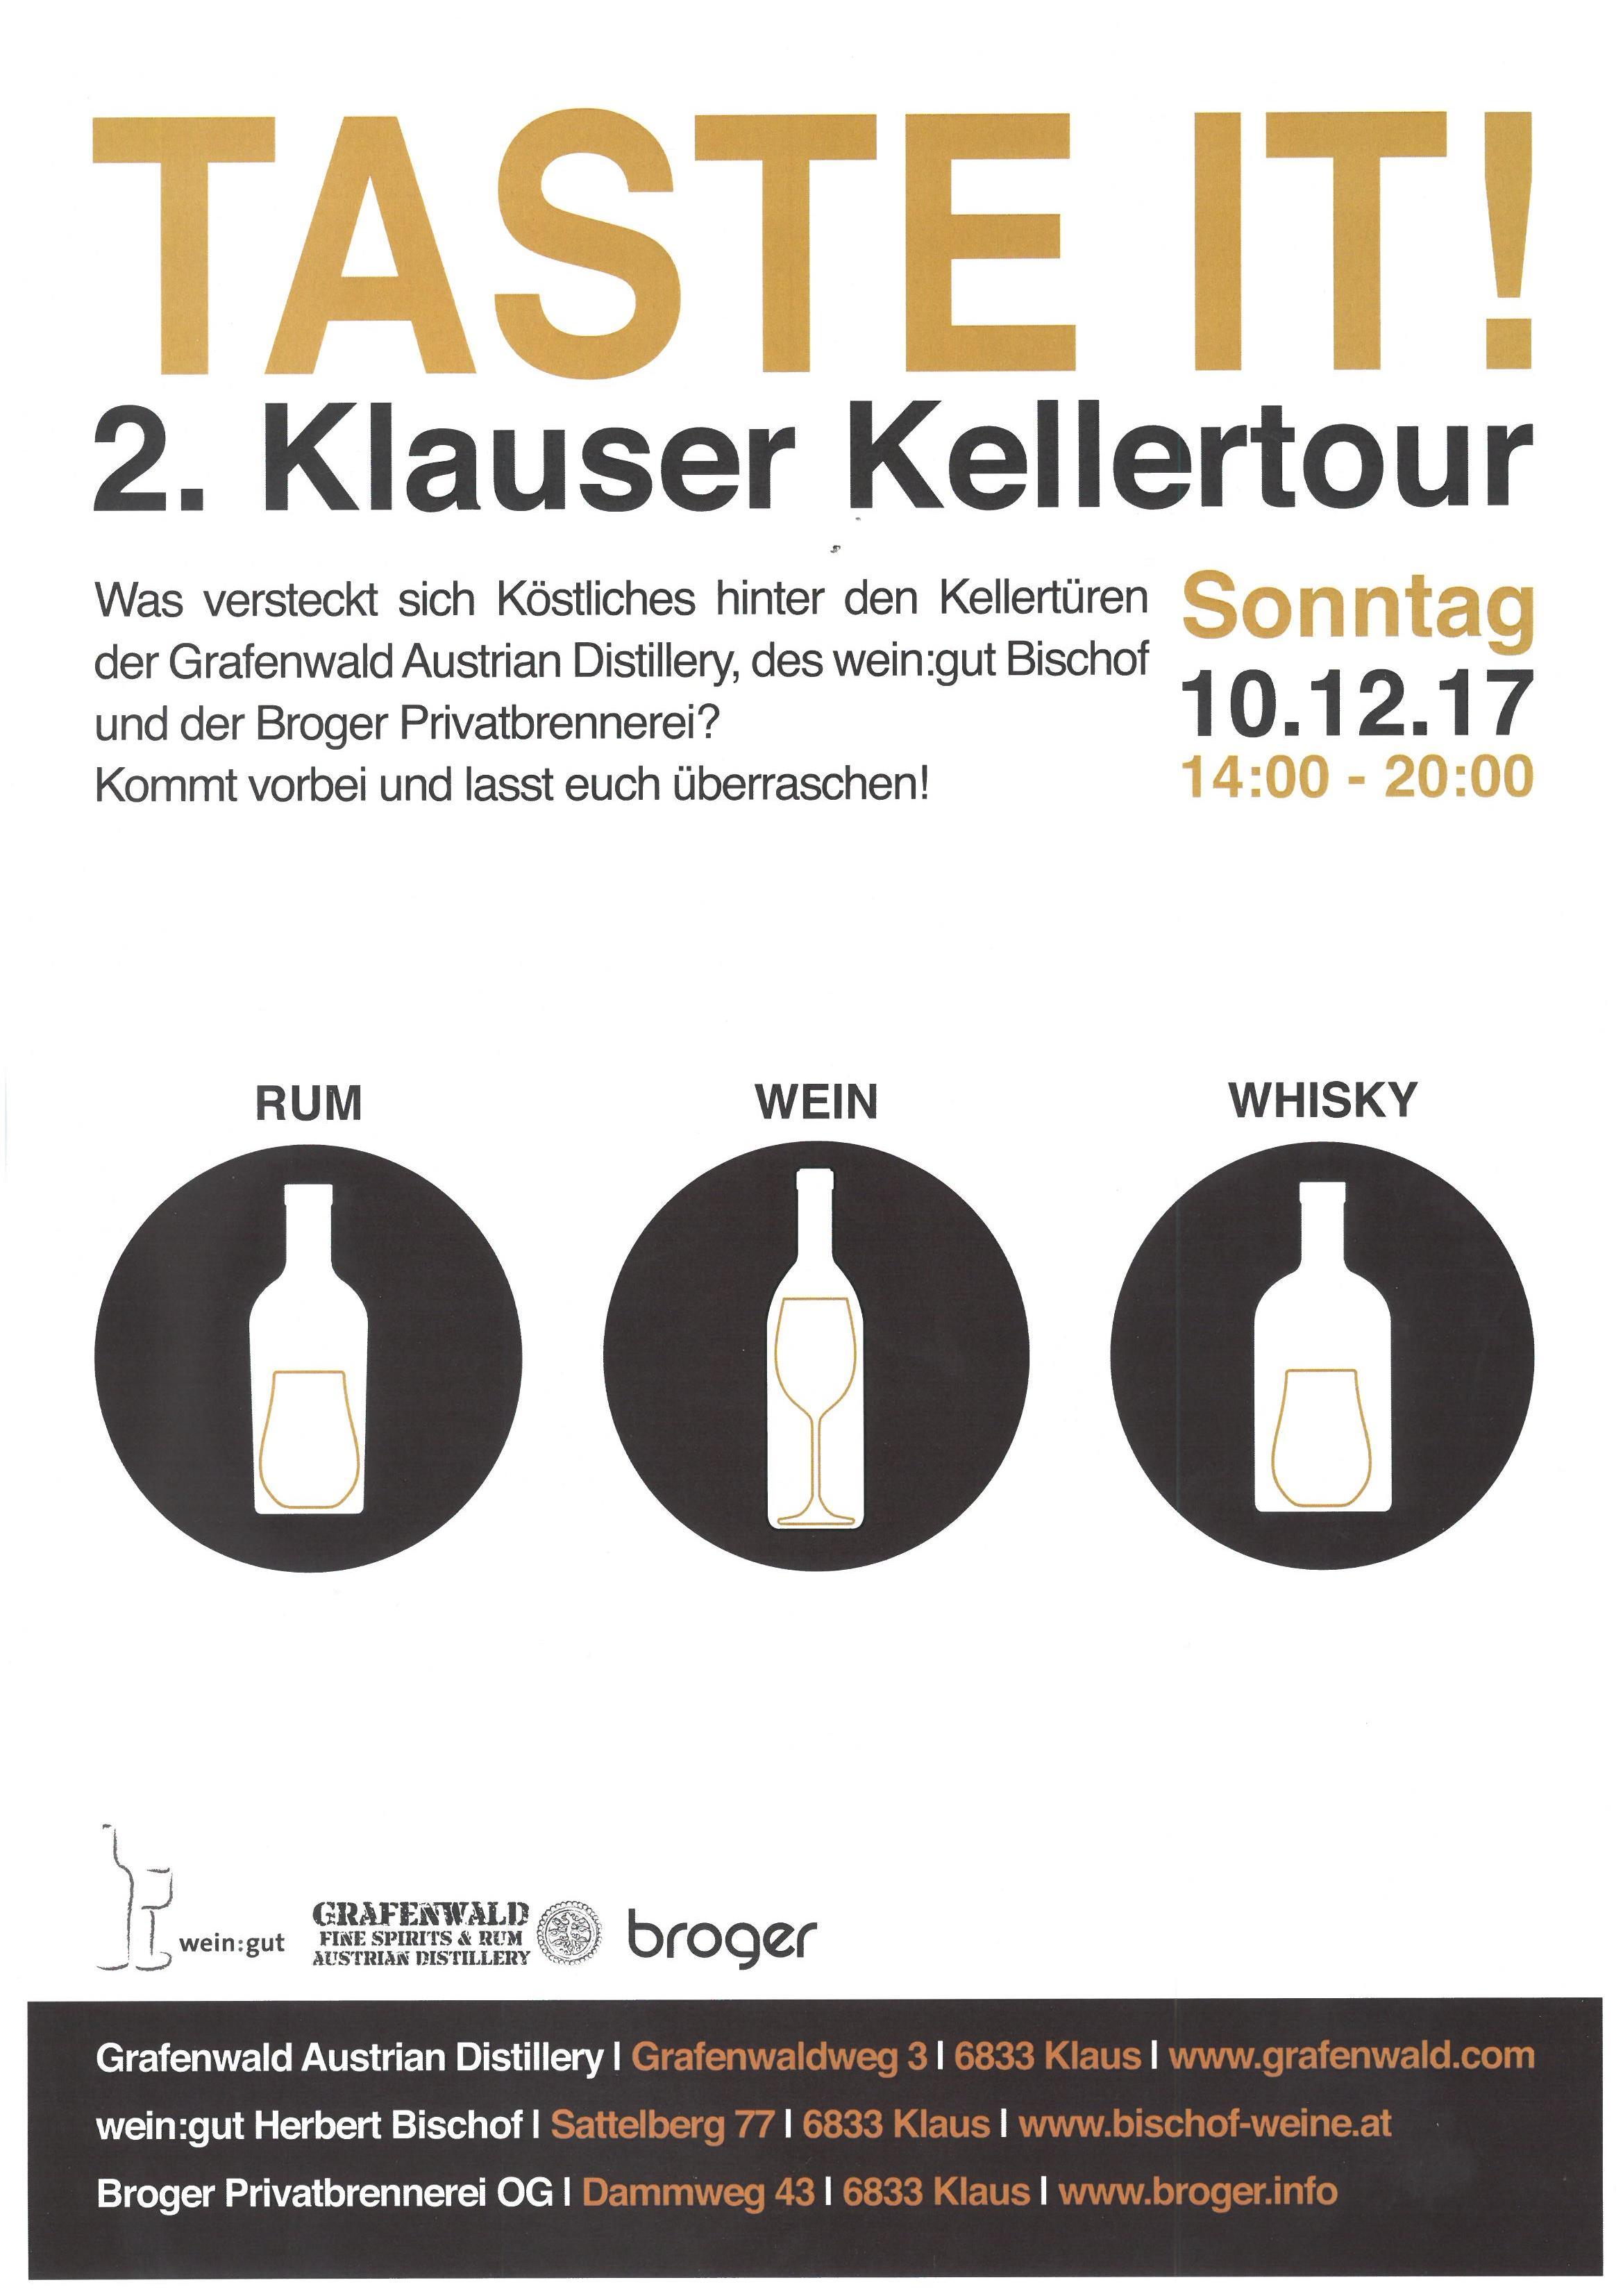 TasteitKellertour2017.jpg